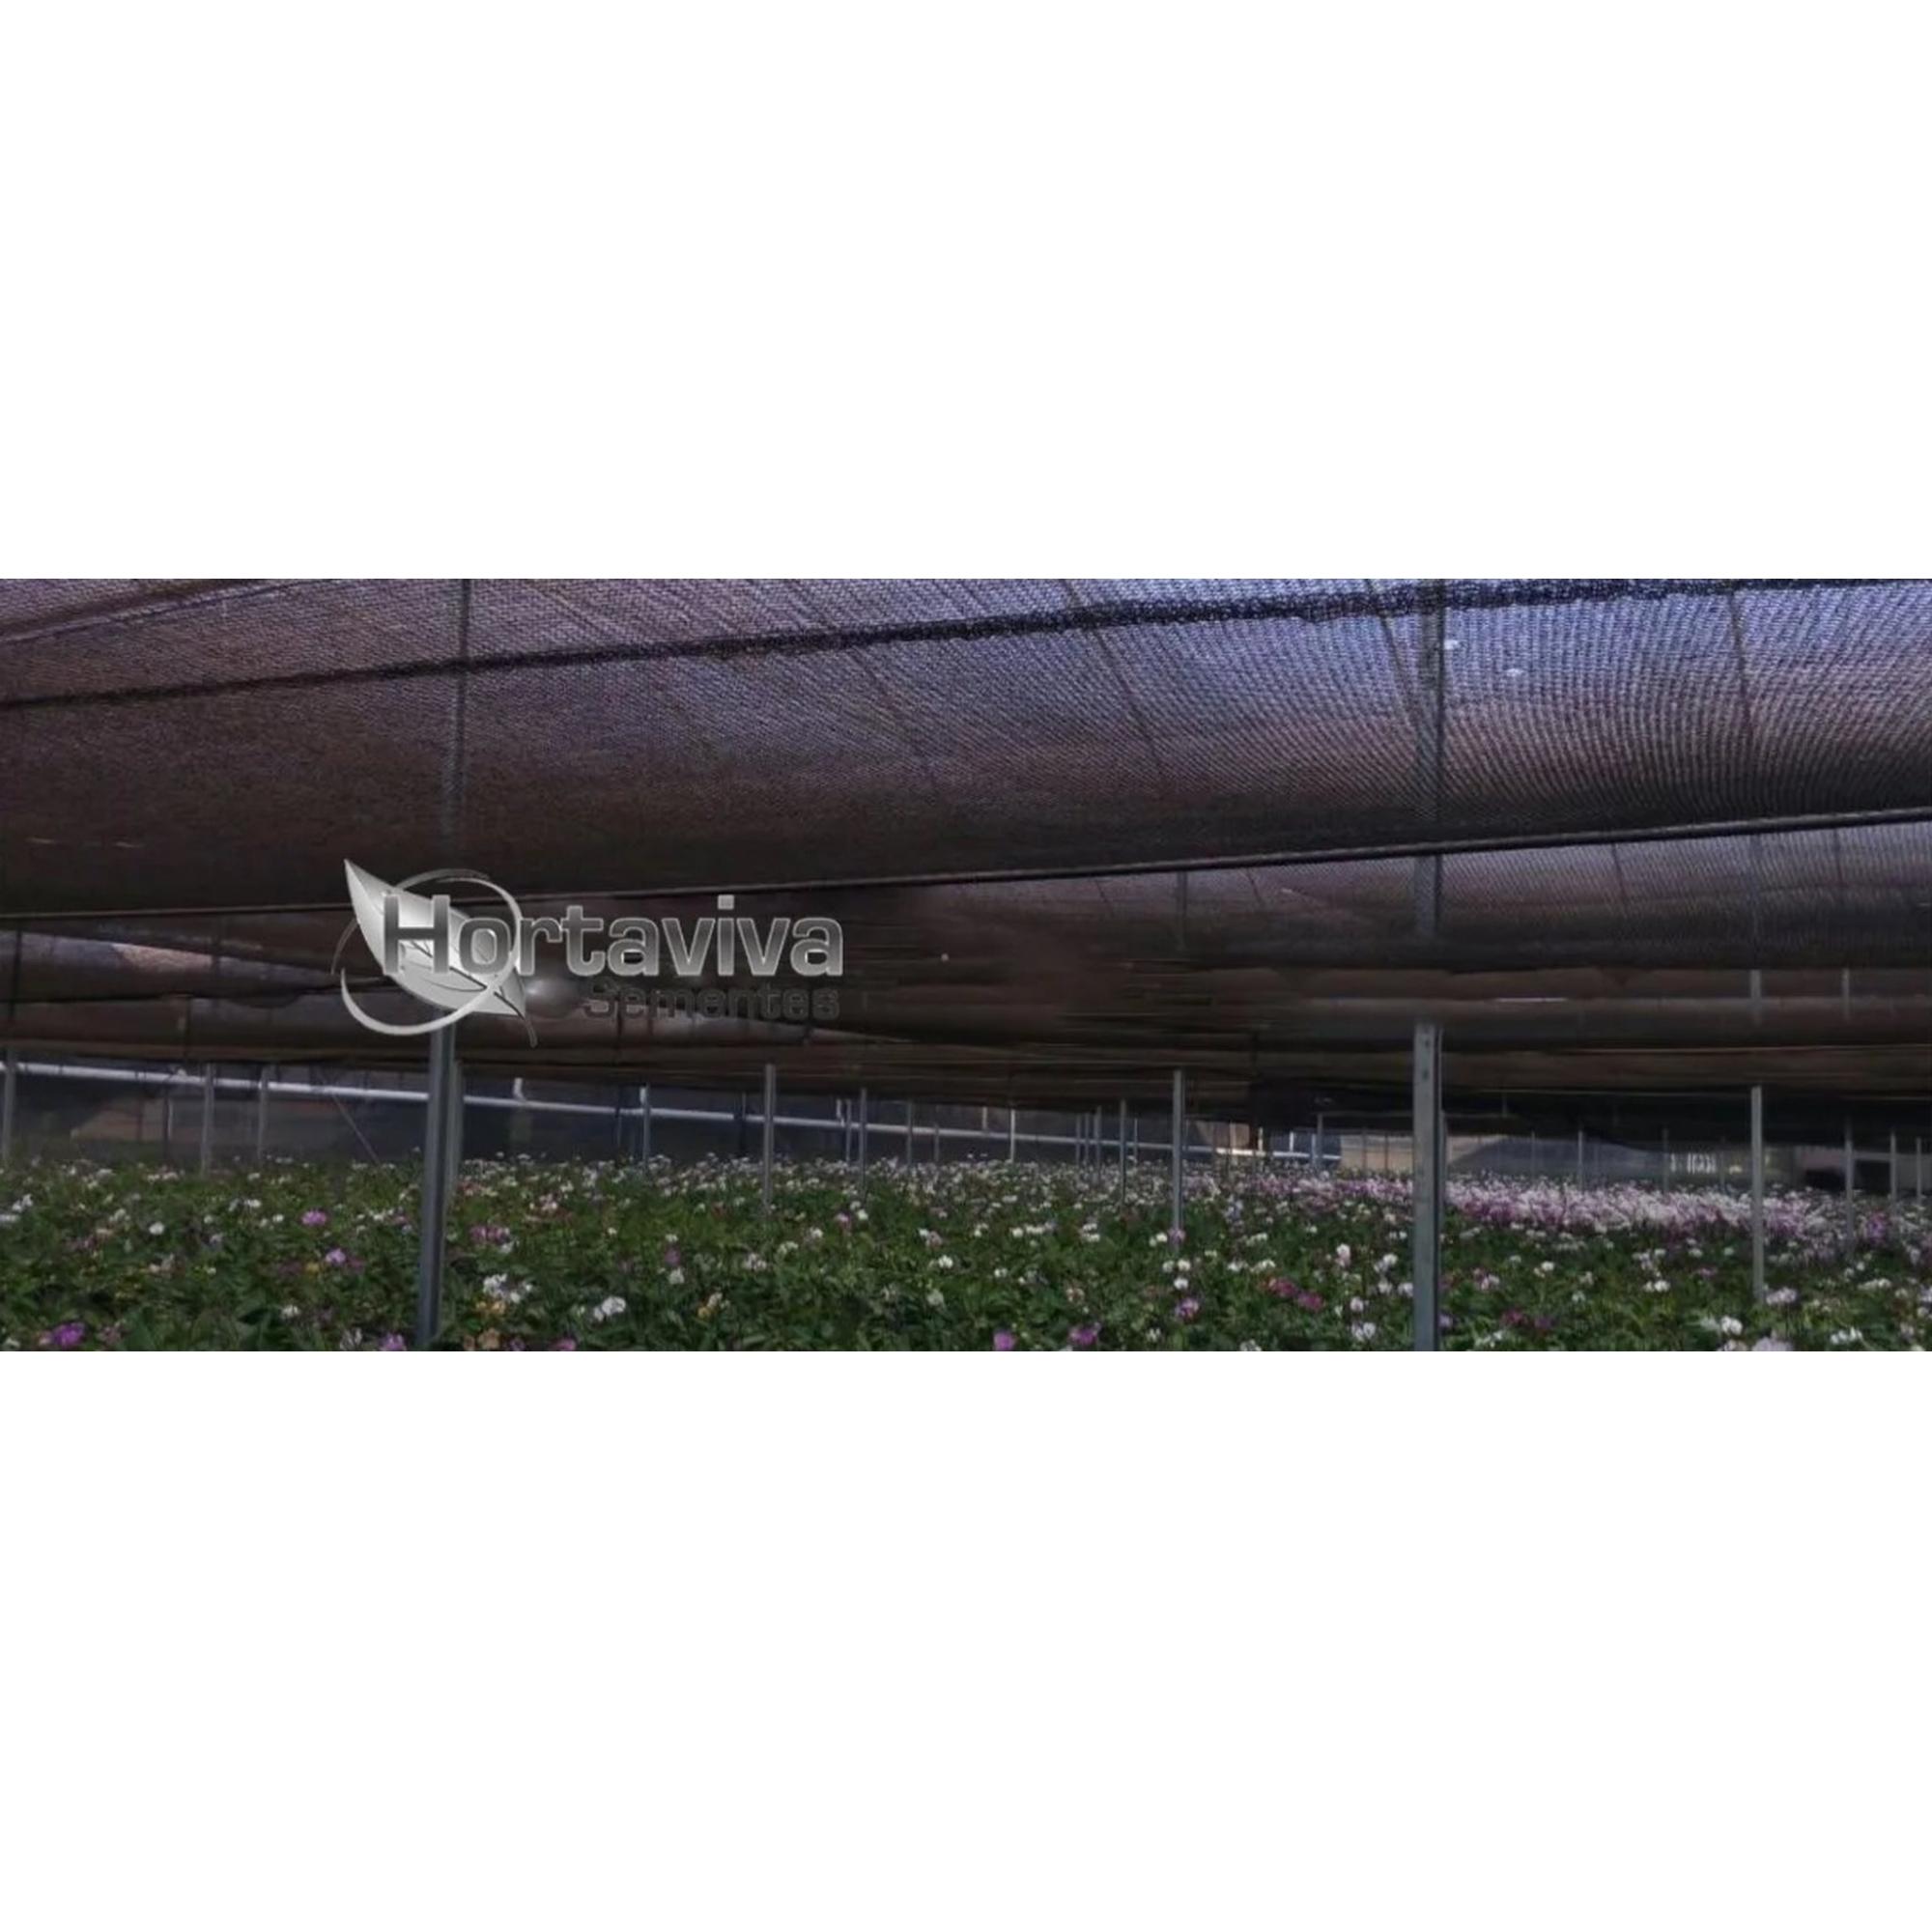 Tela de Sombreamento Preta 50% - 4 Metros x 70 Metros